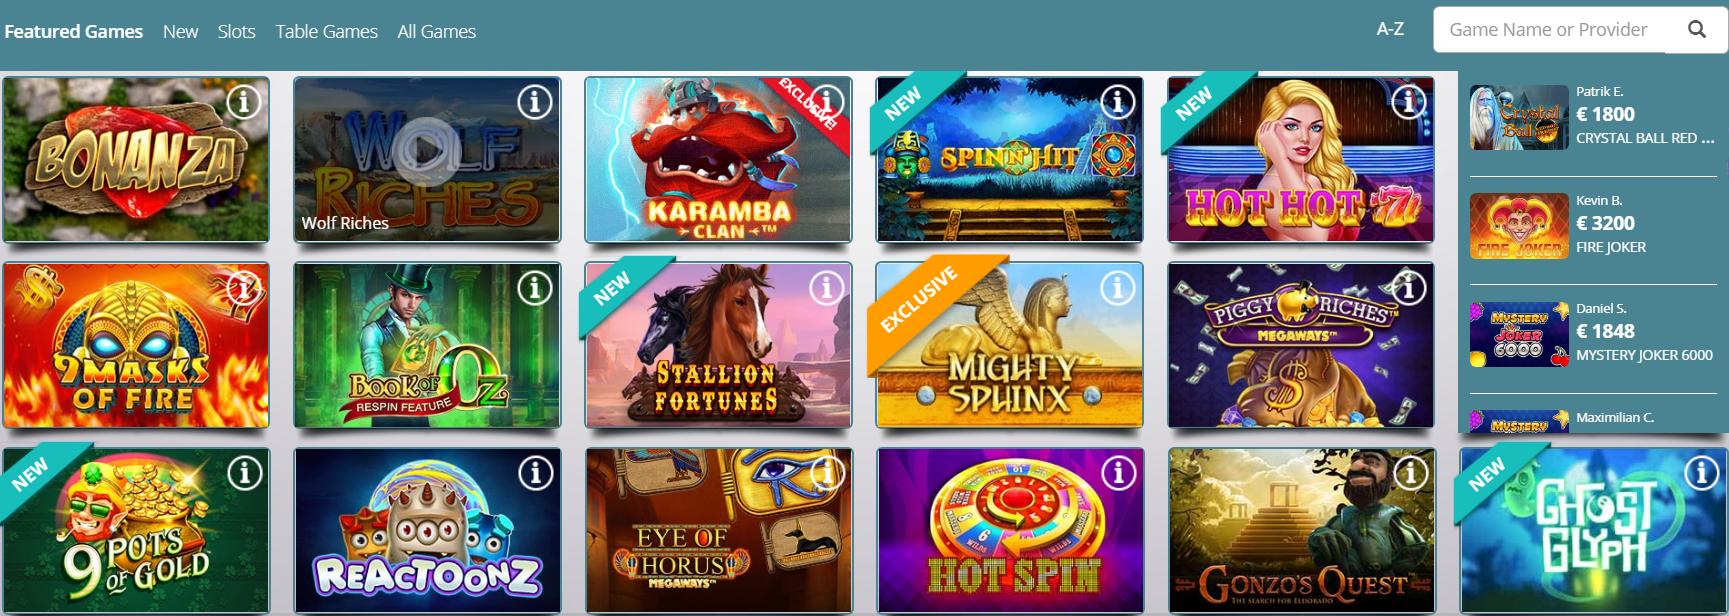 Veckans casino erbjudande 24165